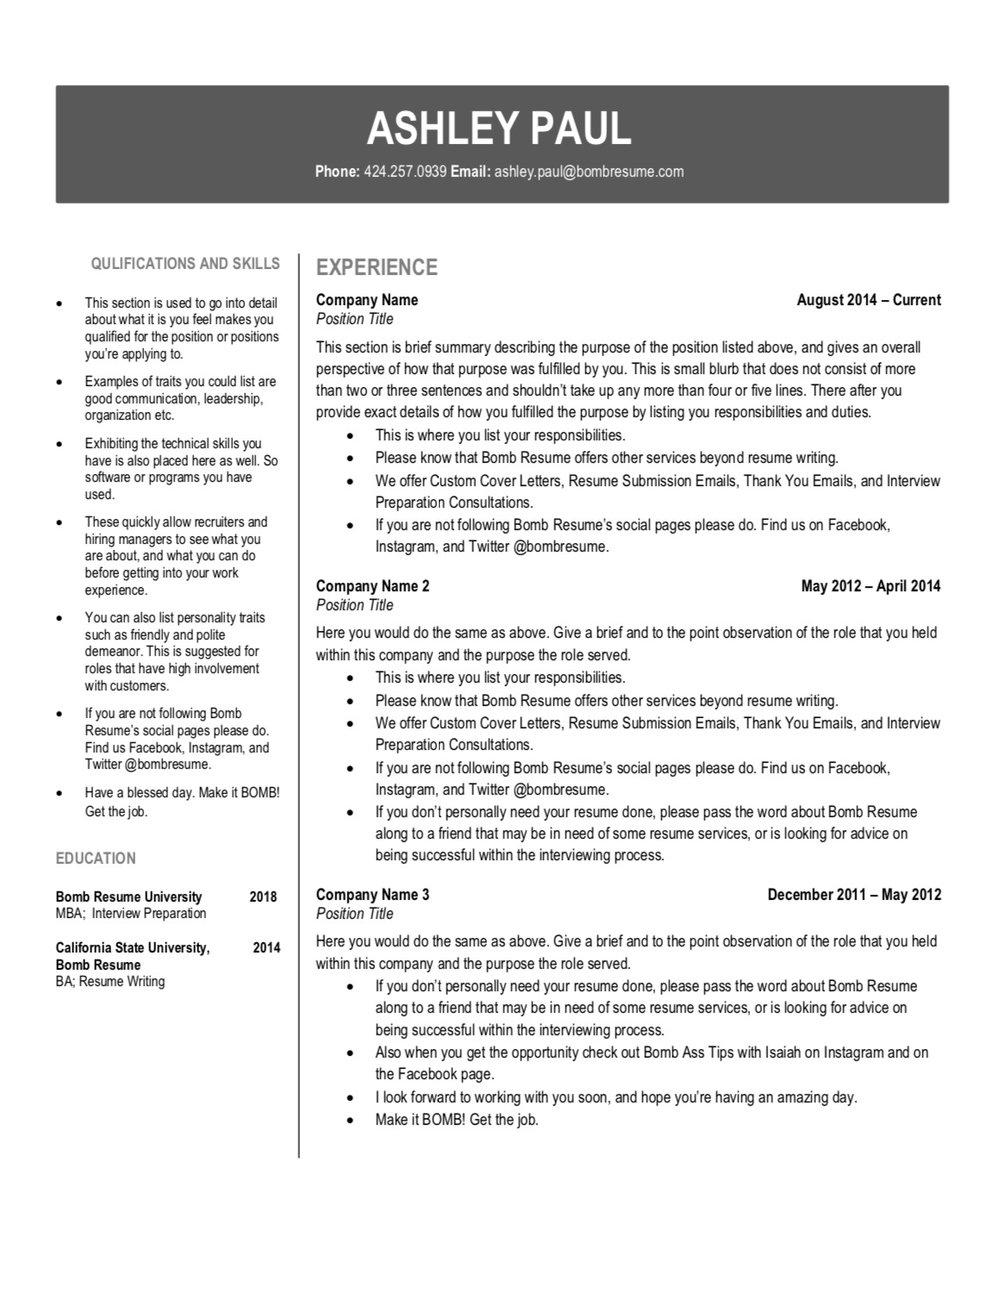 Services — Bomb Resume